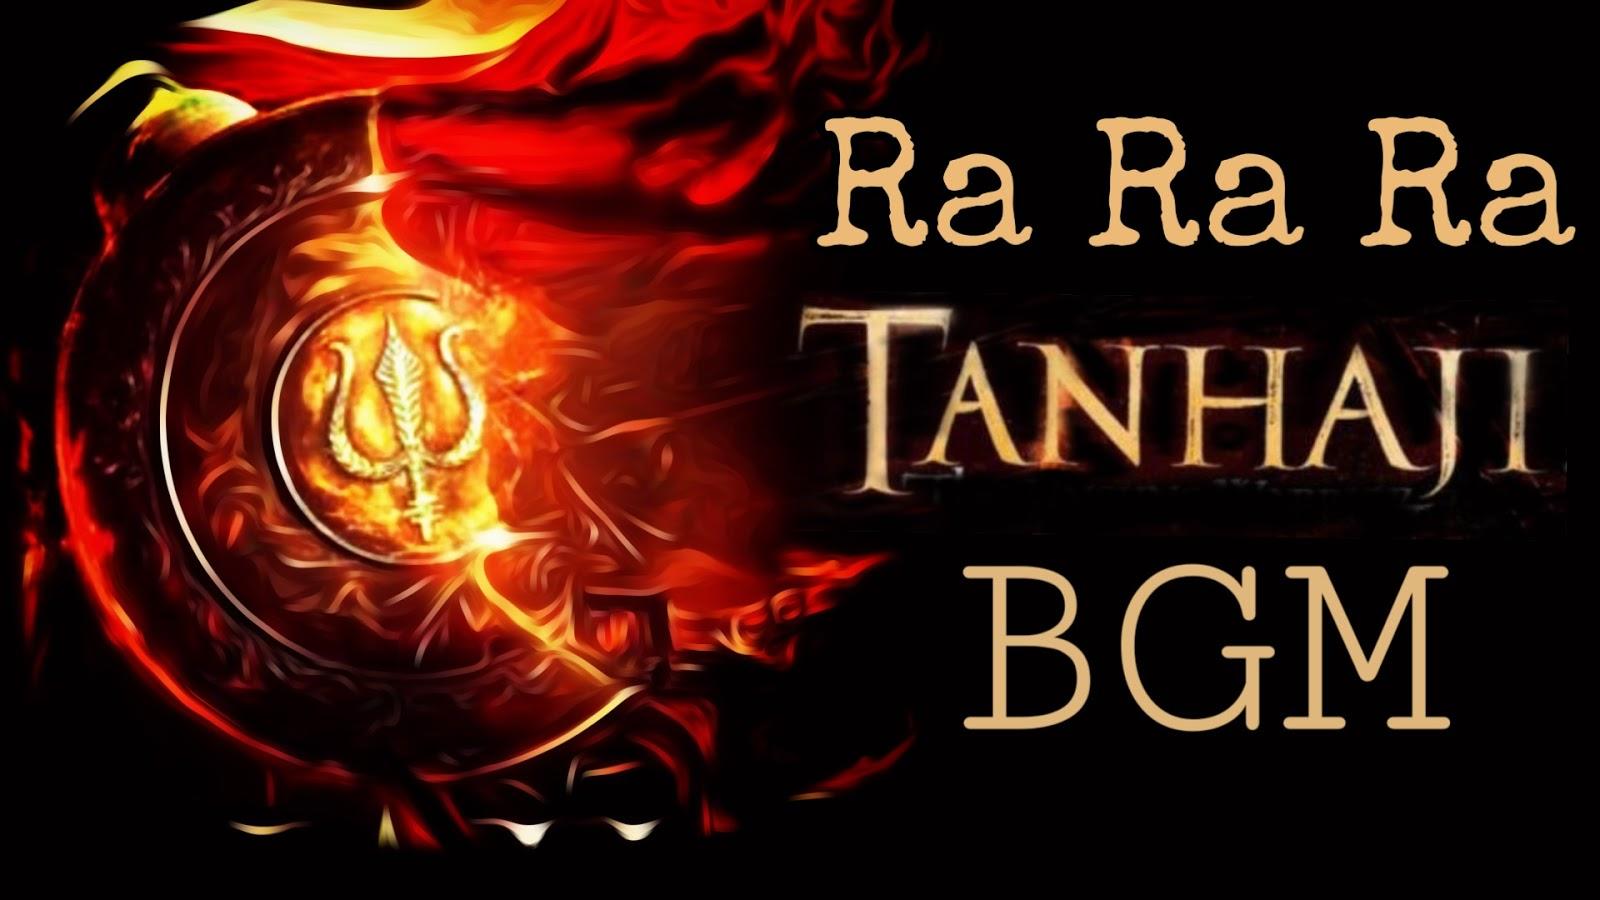 Tanaji BGM Ringtone | Ra Ra Ra BGM Ringtone| mp3 Download